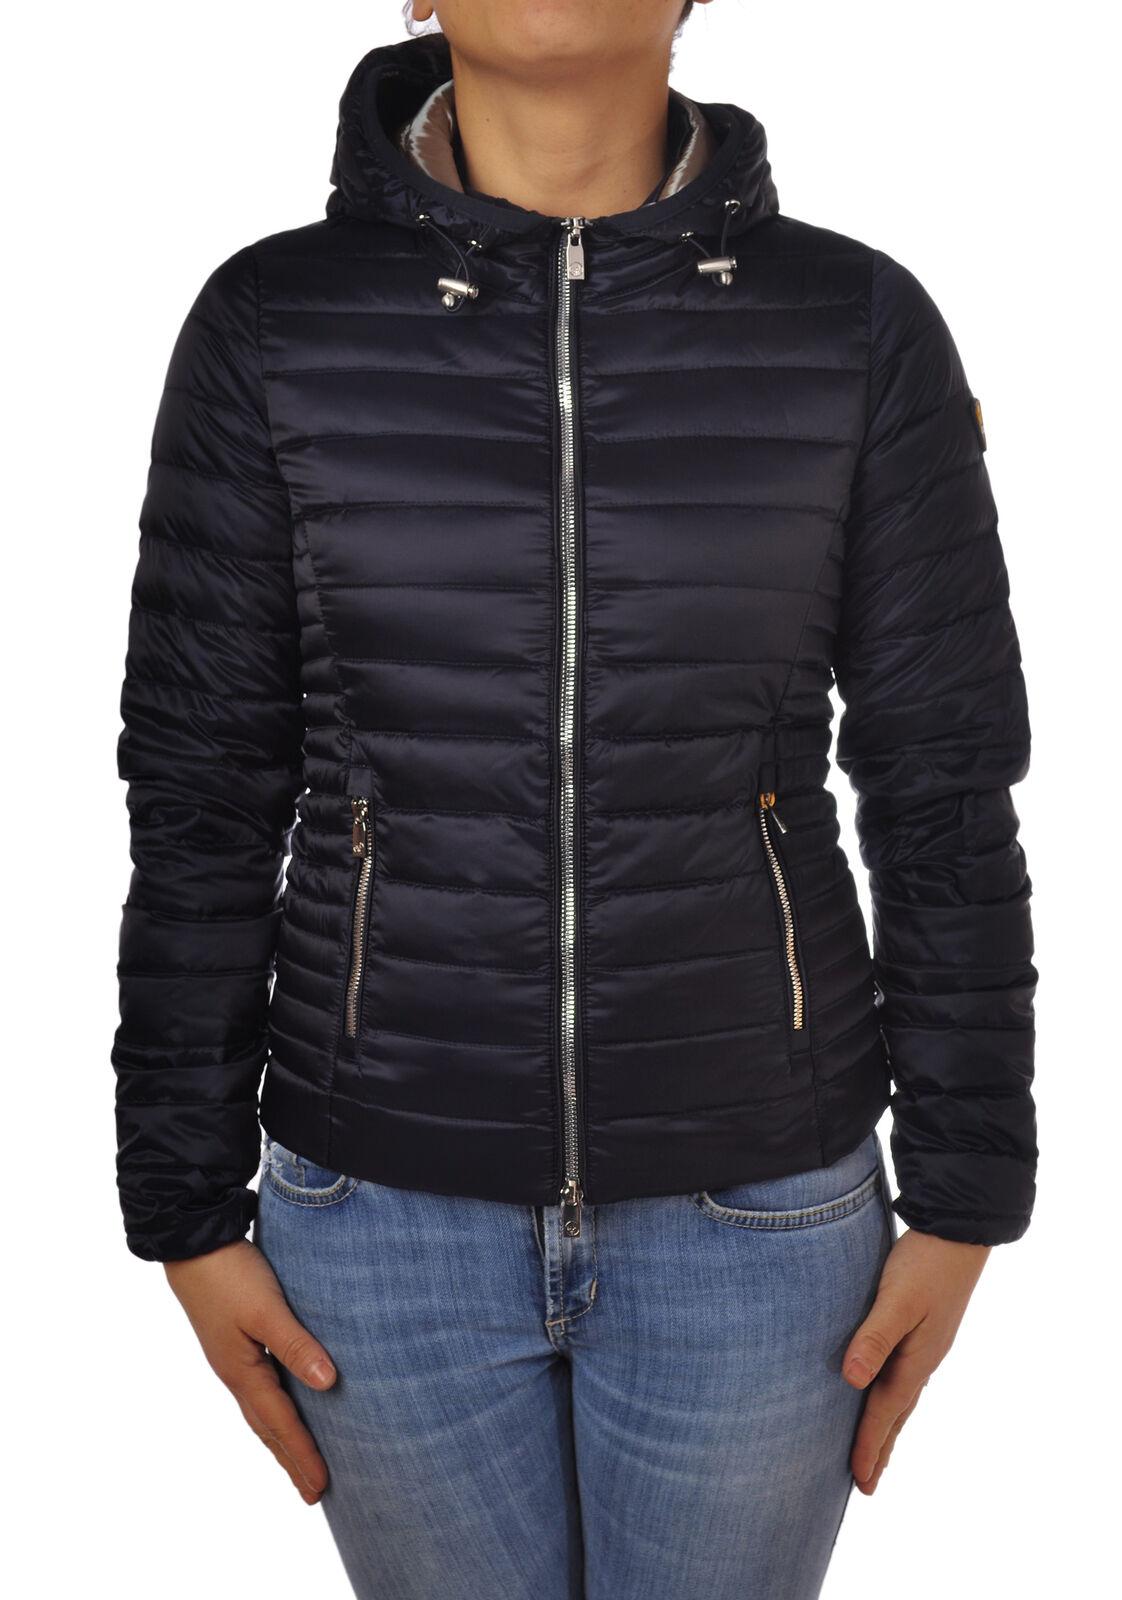 Ciesse-Prendas de abrigo-chaquetas-Mujer-Azul - 4796931G185525   Precio al por mayor y calidad confiable.